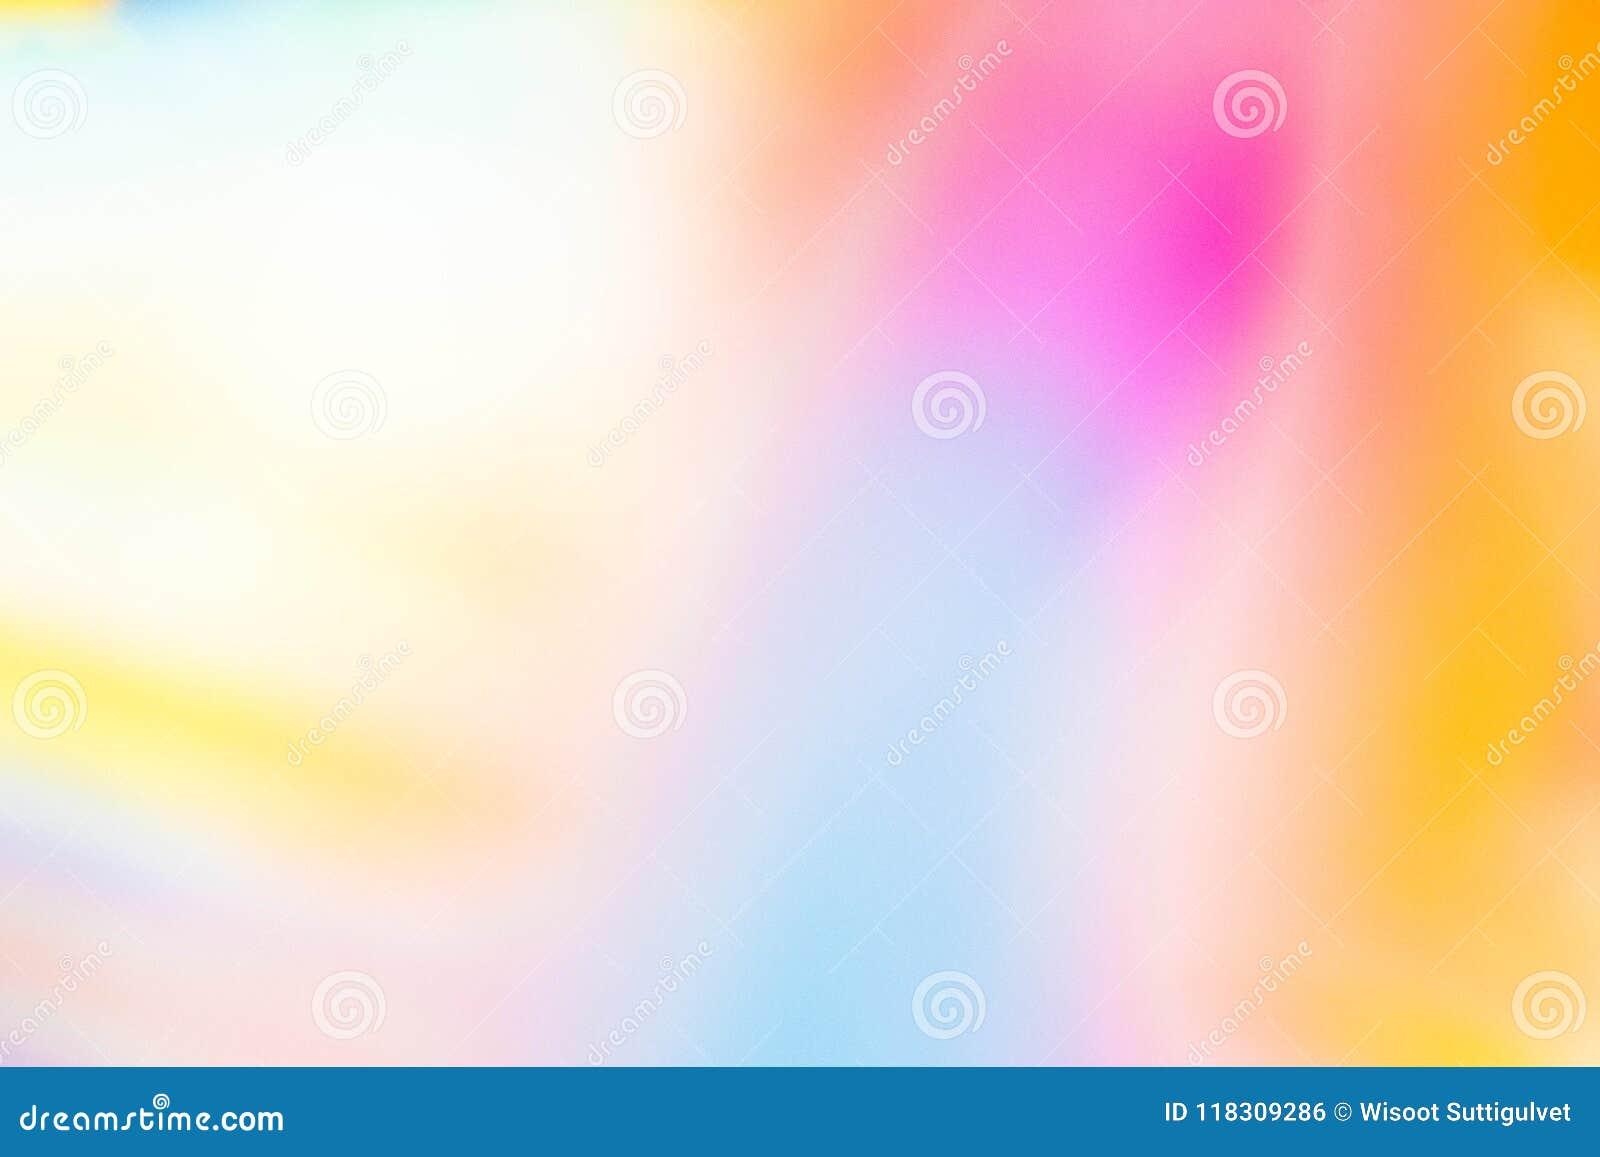 абстрактная предпосылка Фон красочного градиента Defocused Простой ультрамодный элемент дизайна для вас проект, знамя, обои E